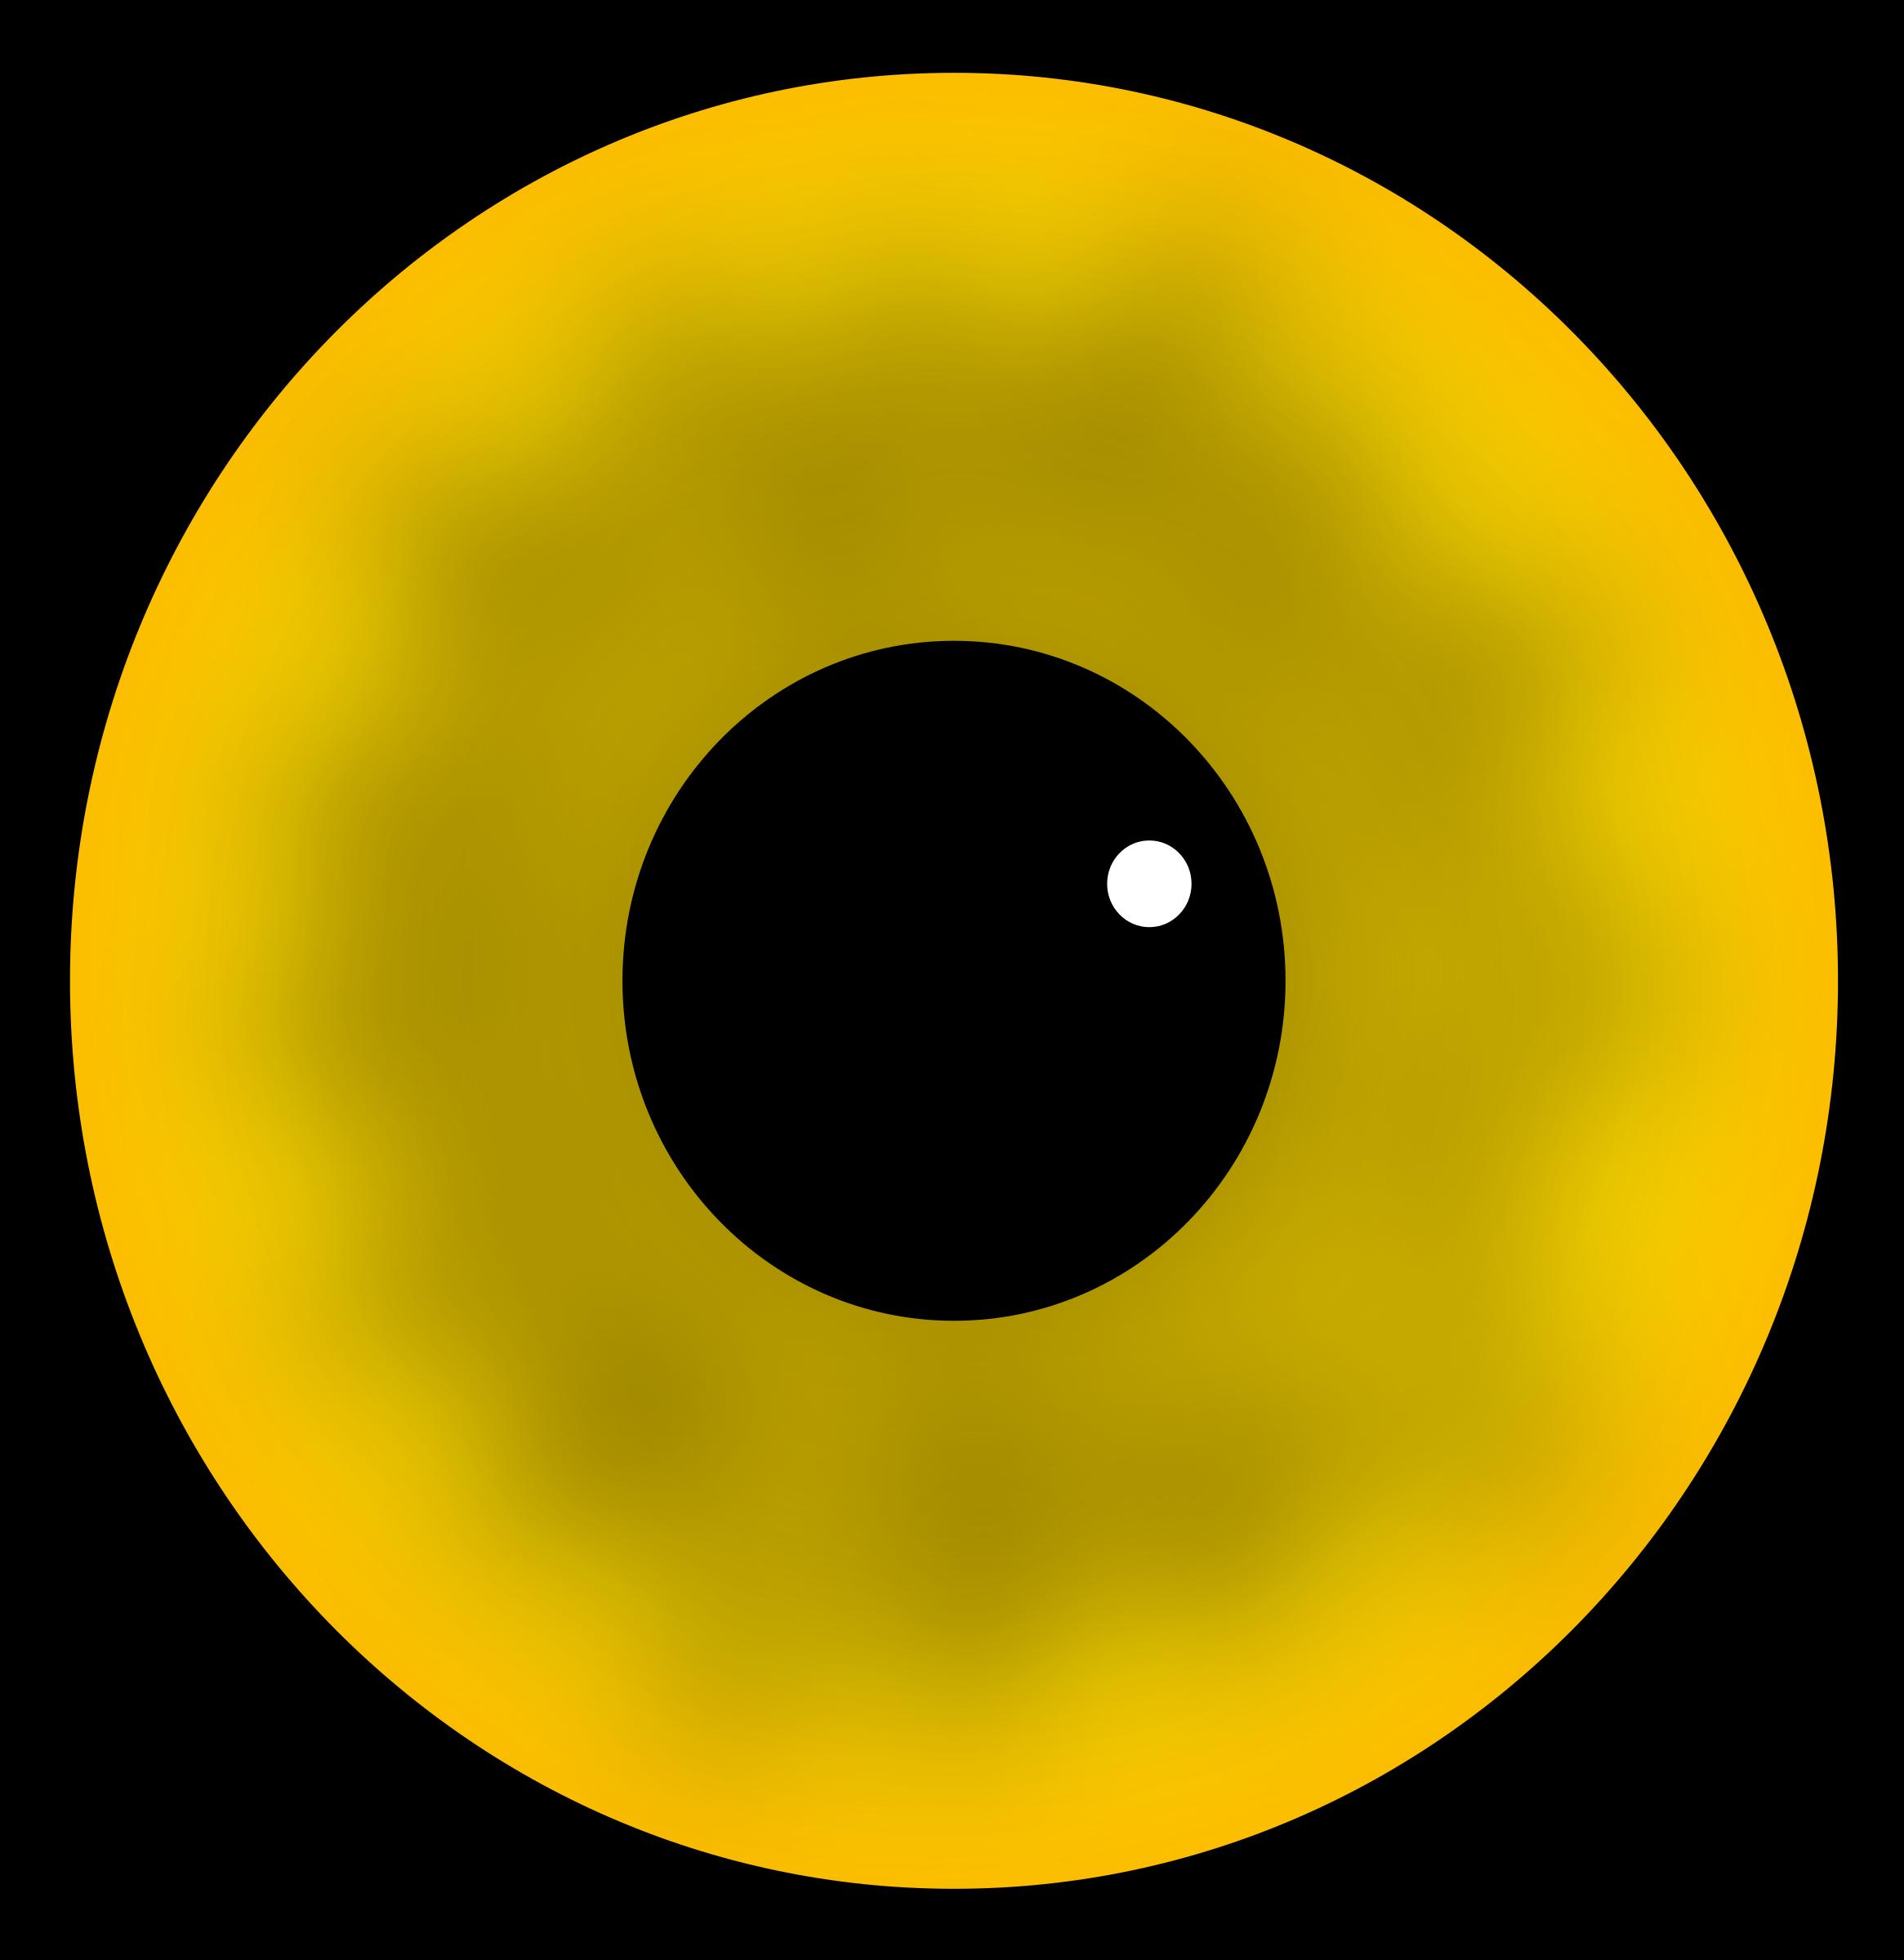 Eyeball clipart colorful eye. Mesmerizing yellow door design